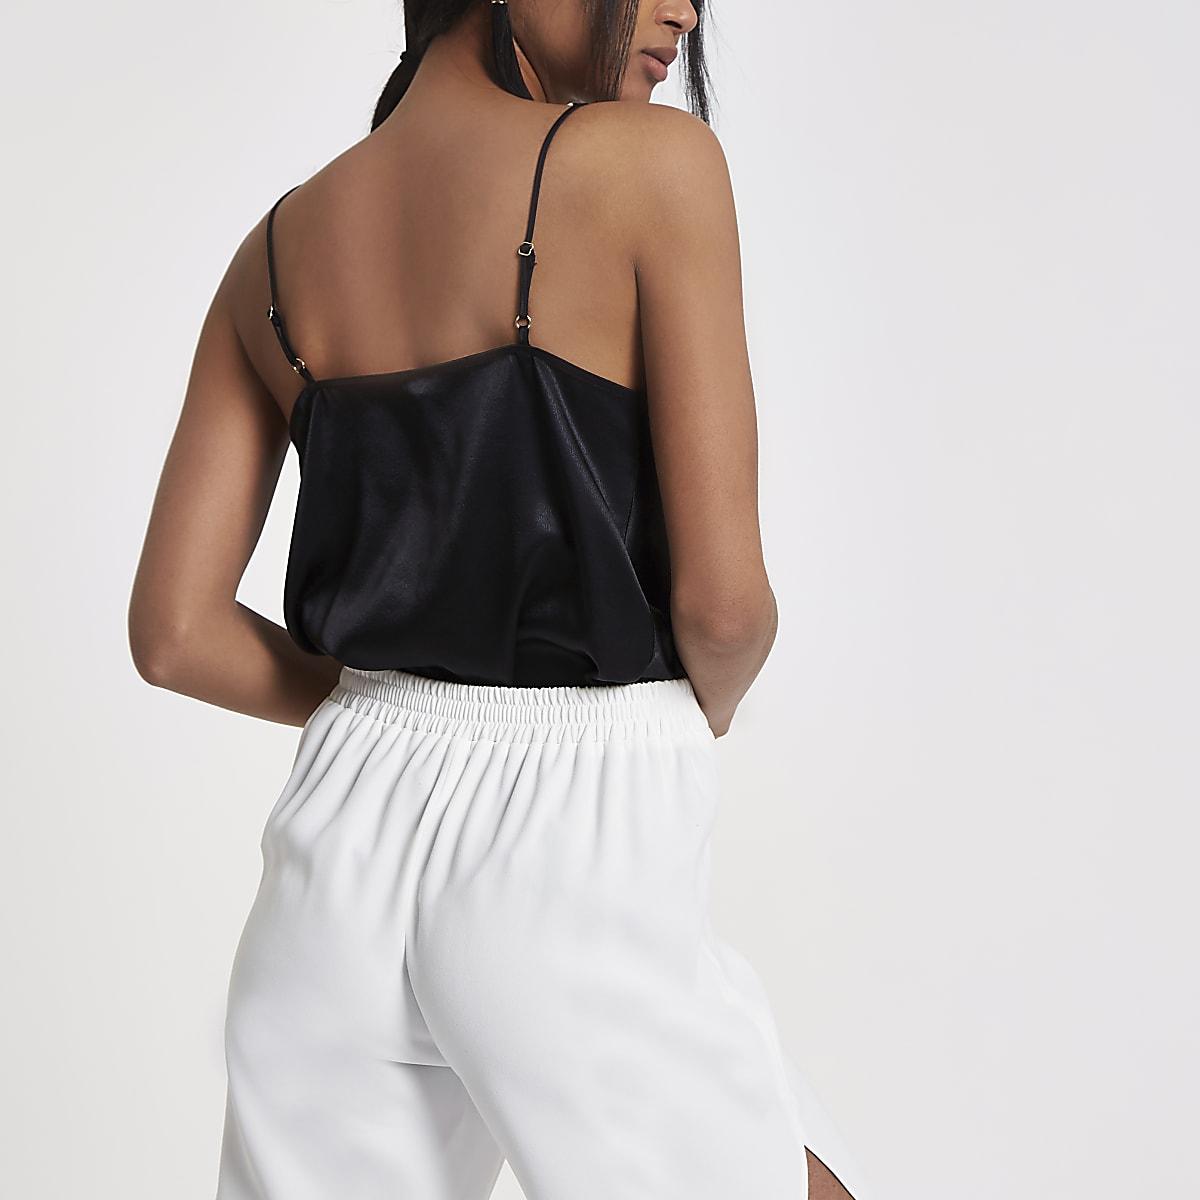 283eb3a728c86a Black cowl neck cami top - Cami   Sleeveless Tops - Tops - women